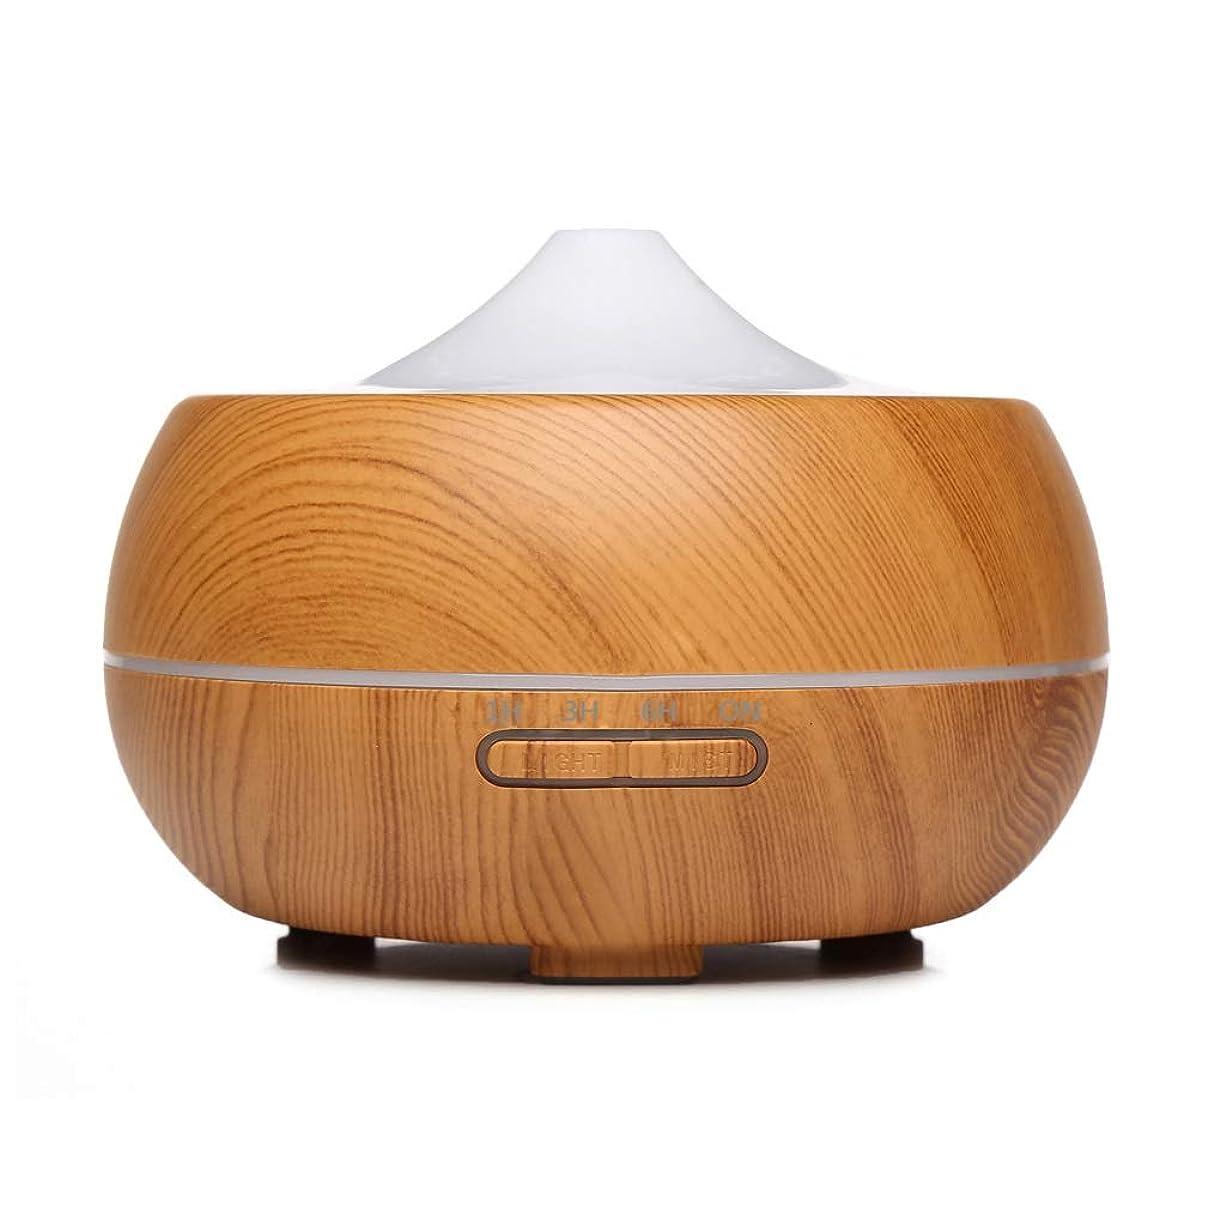 補助金規範ポルノ300ミリリットルクールミスト加湿器超音波不可欠ディフューザー用オフィスホームベッドルームリビングルーム研究ヨガスパ、木目 (Color : Light wood grain)